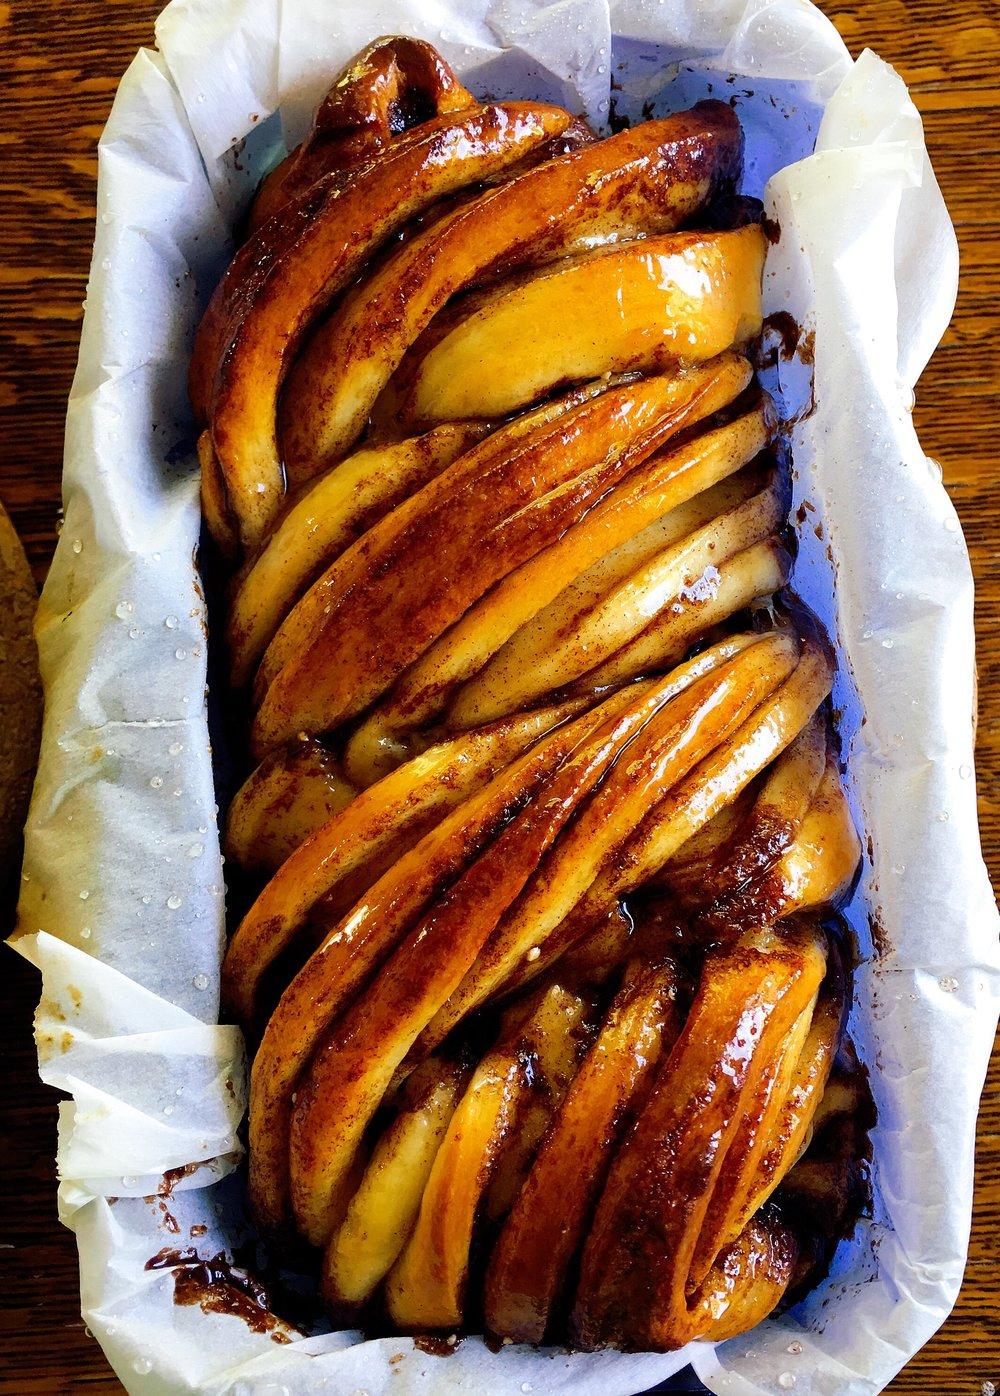 Baked cinnamon babka